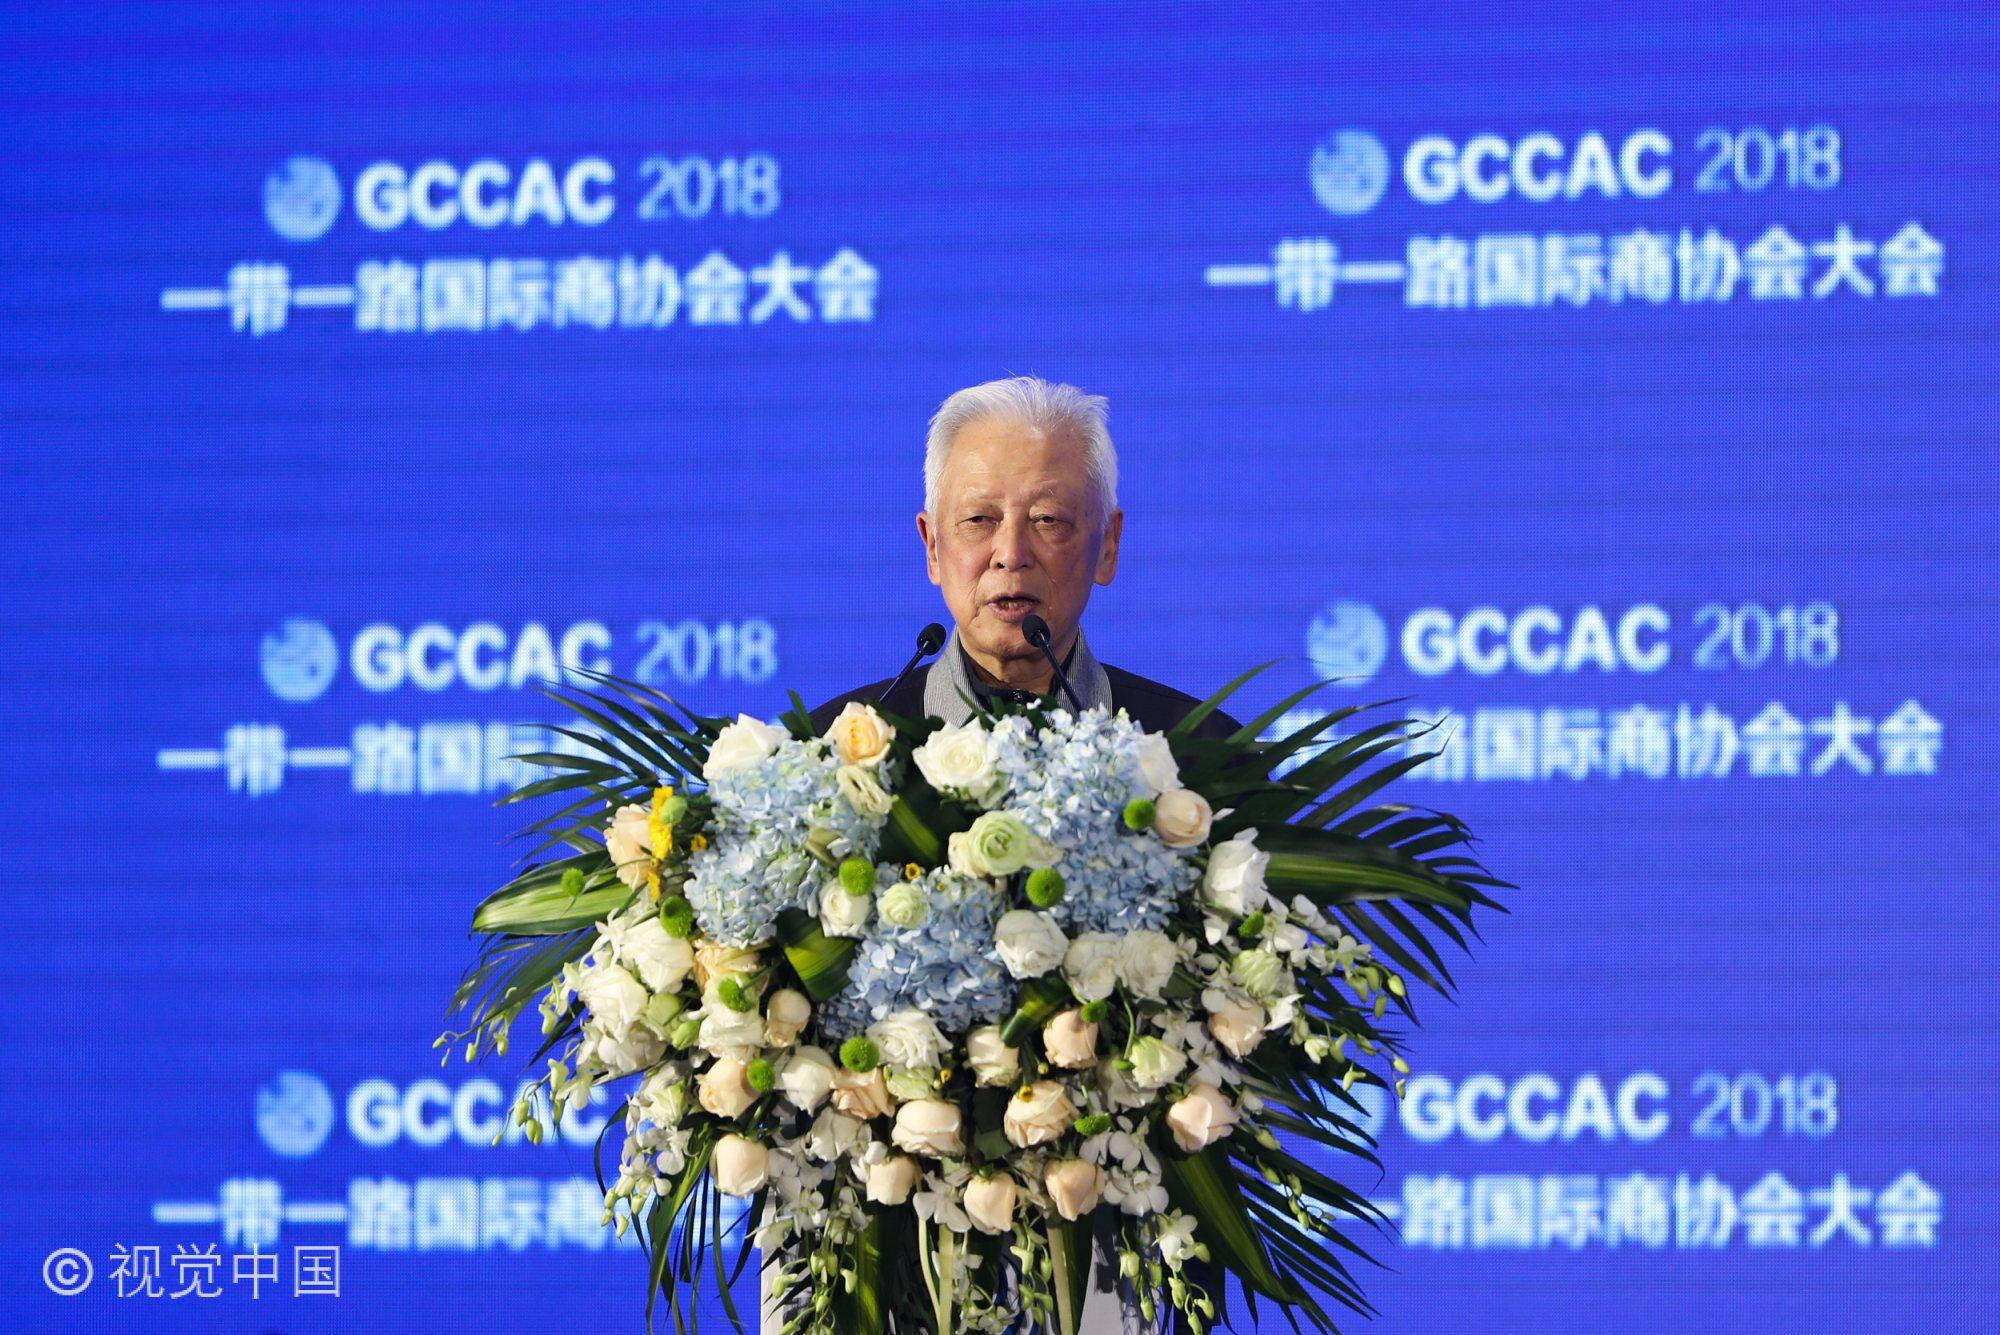 周铁农宣布一带一路国际商协会大会开幕